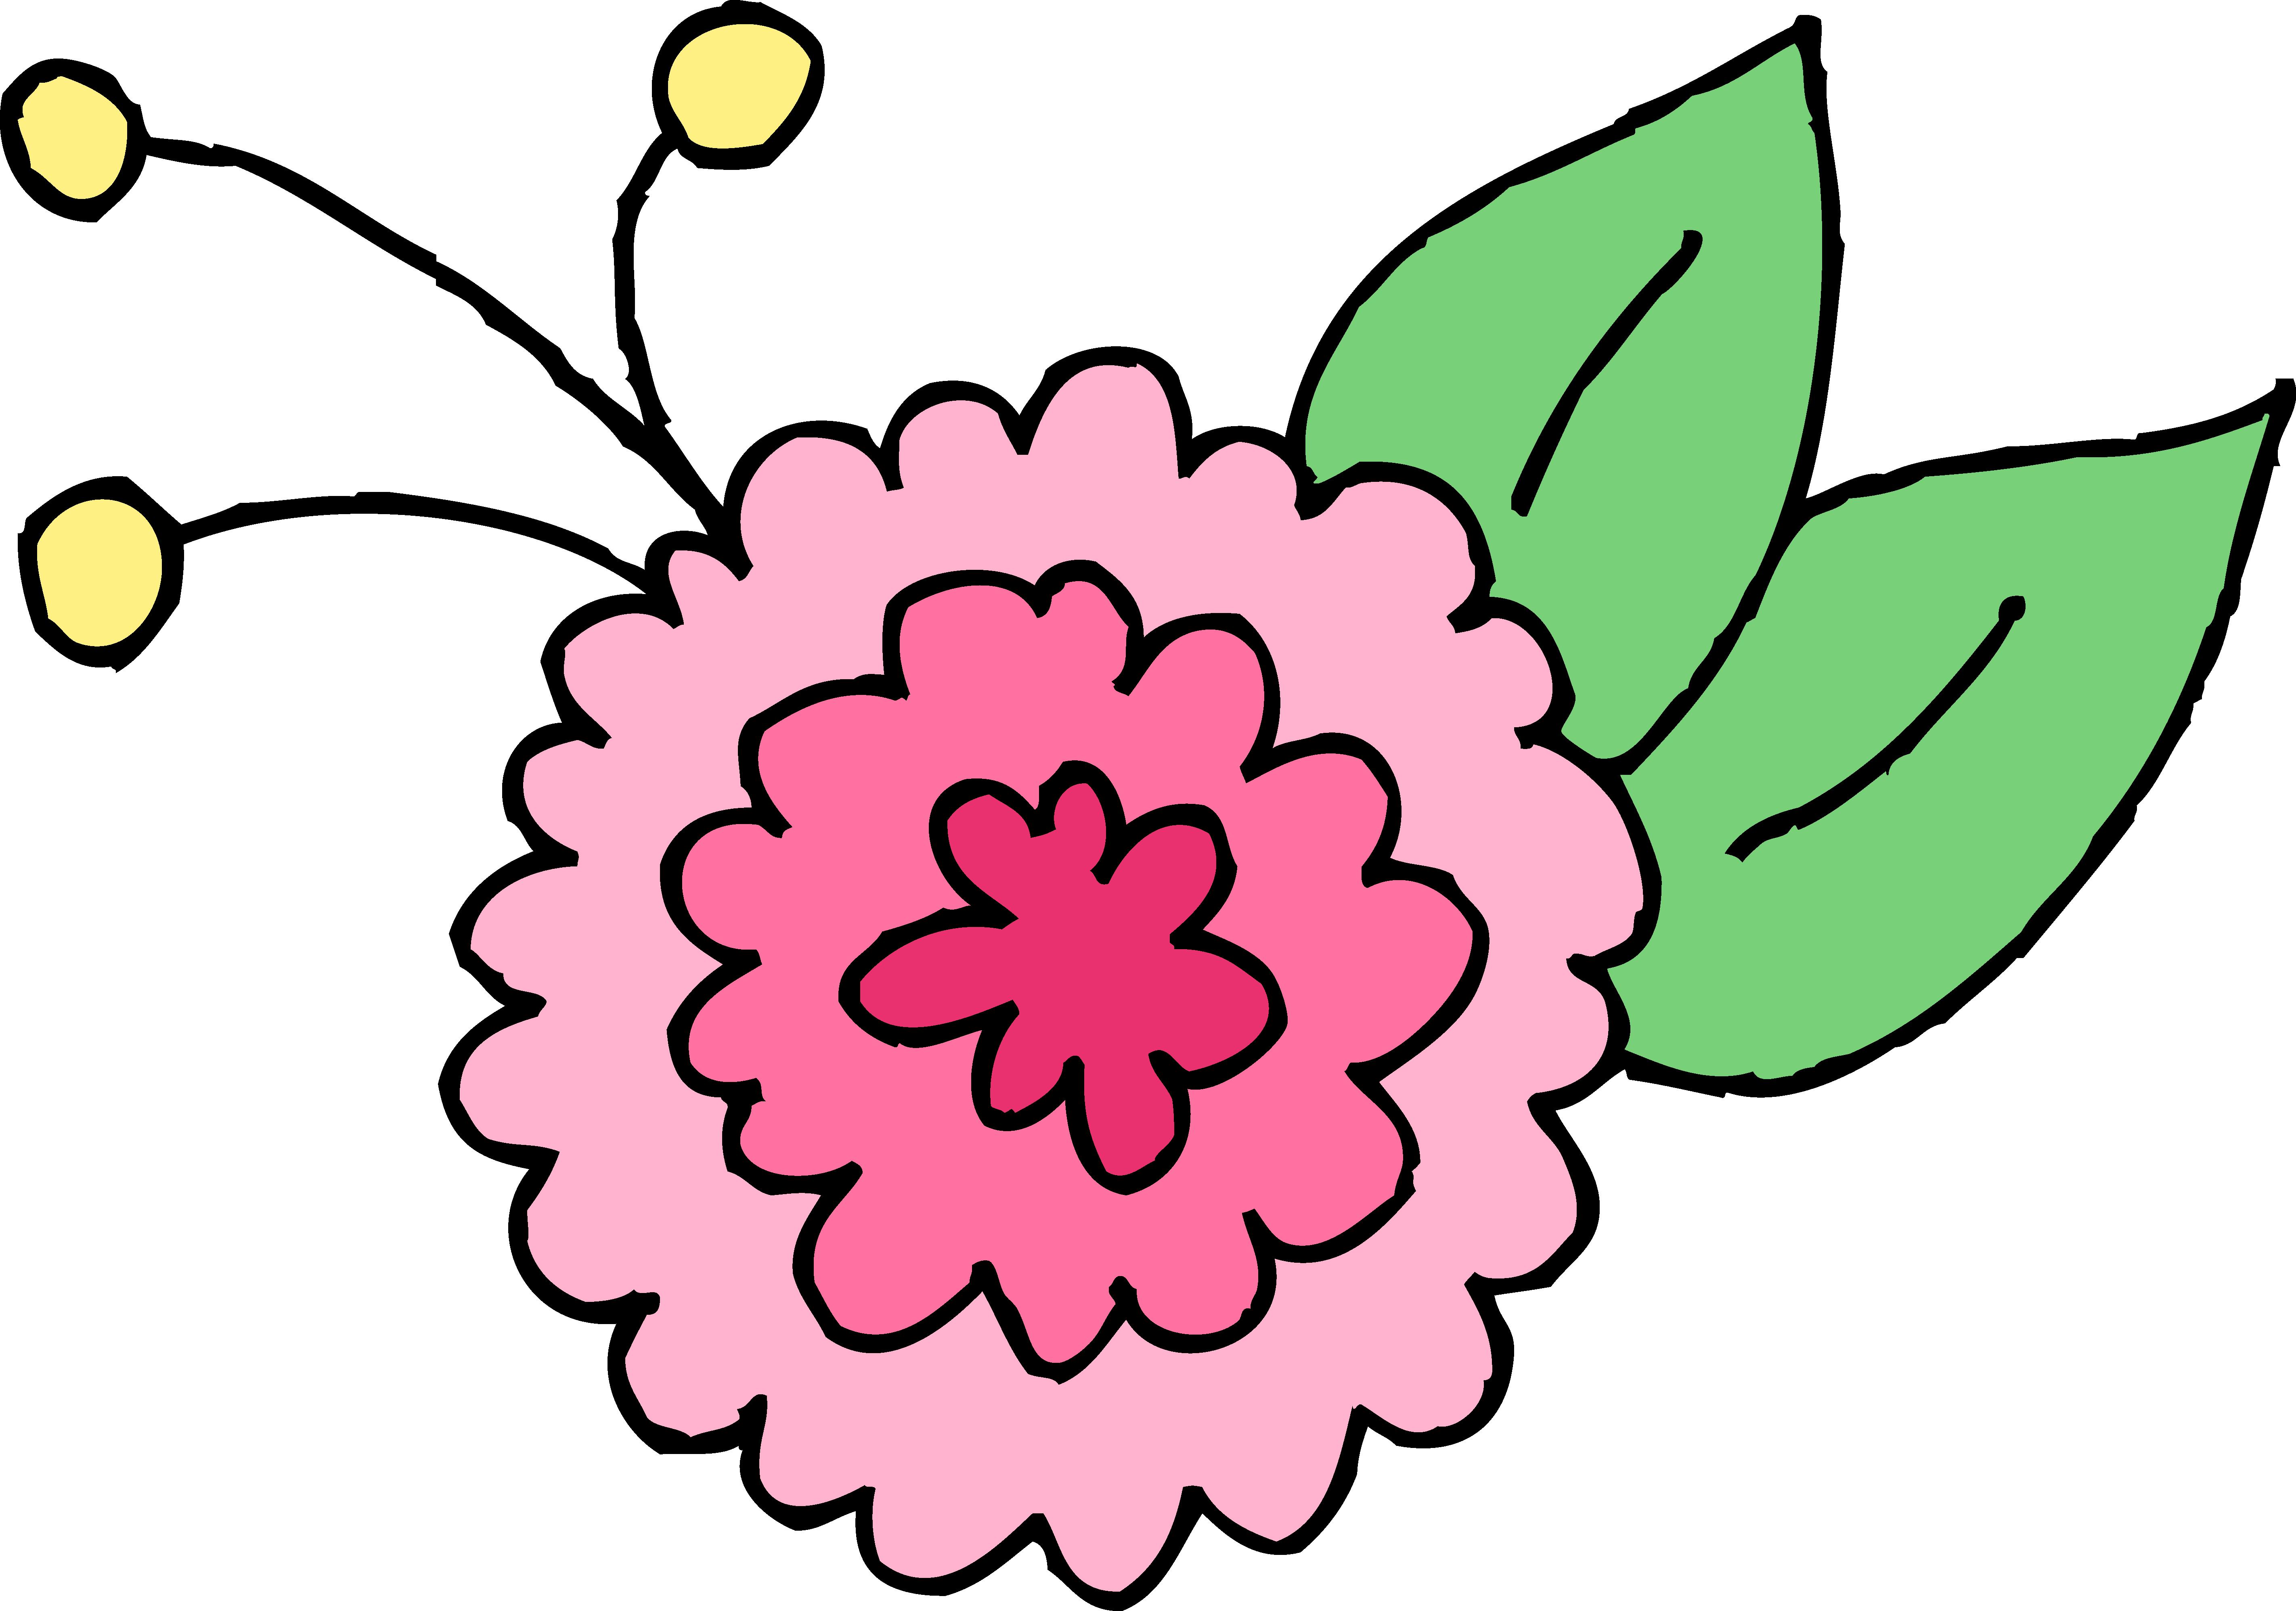 Transparent corner sun clipart - Cute Pink Chrysanthemum Flower - Clip Art Cute Flowers